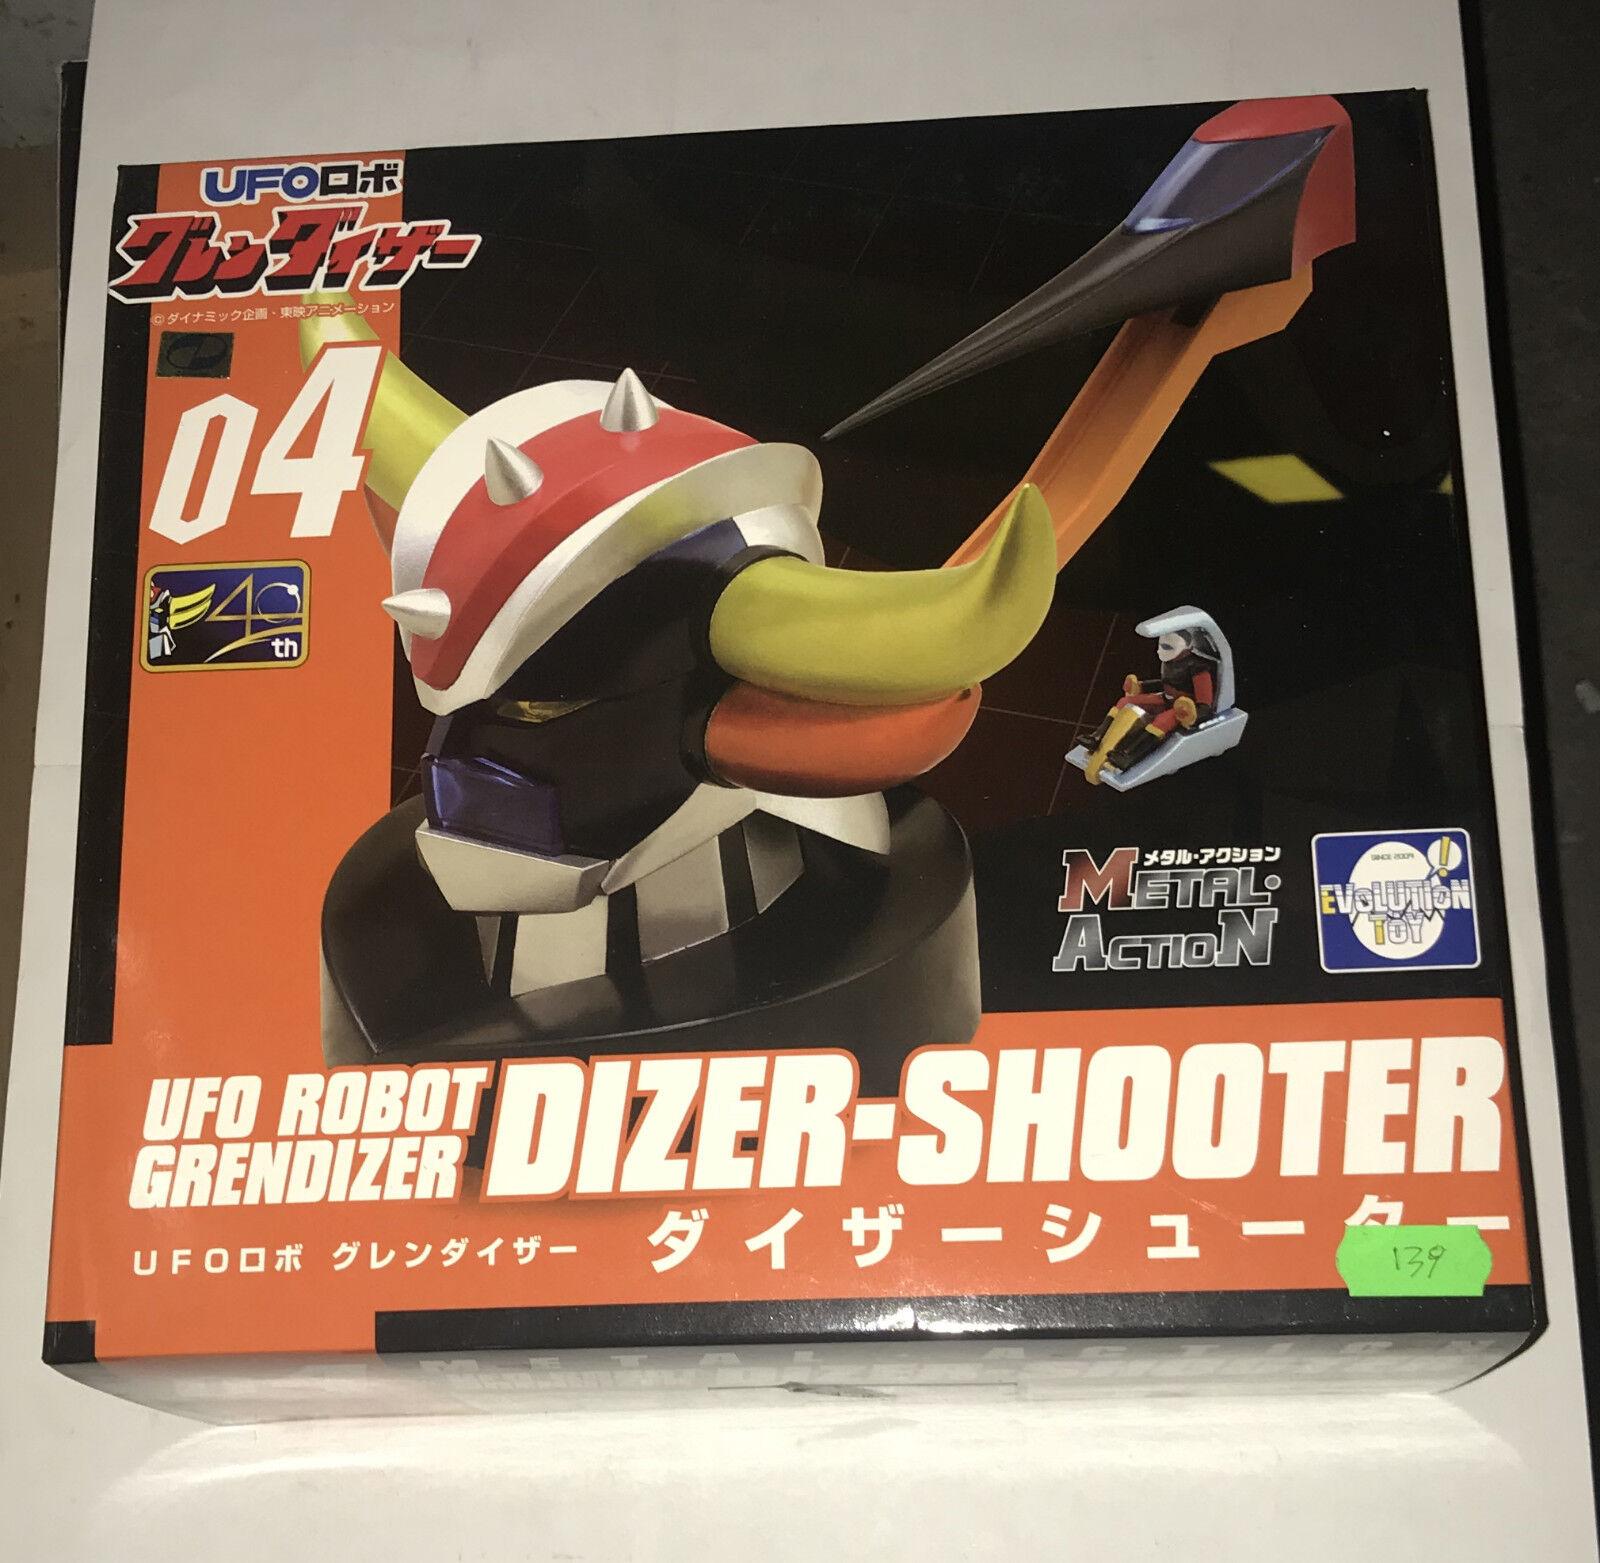 UFO ROBOT GRENDIZER DIZER-SHOOTER  Metal Action 04  Evolution Toys